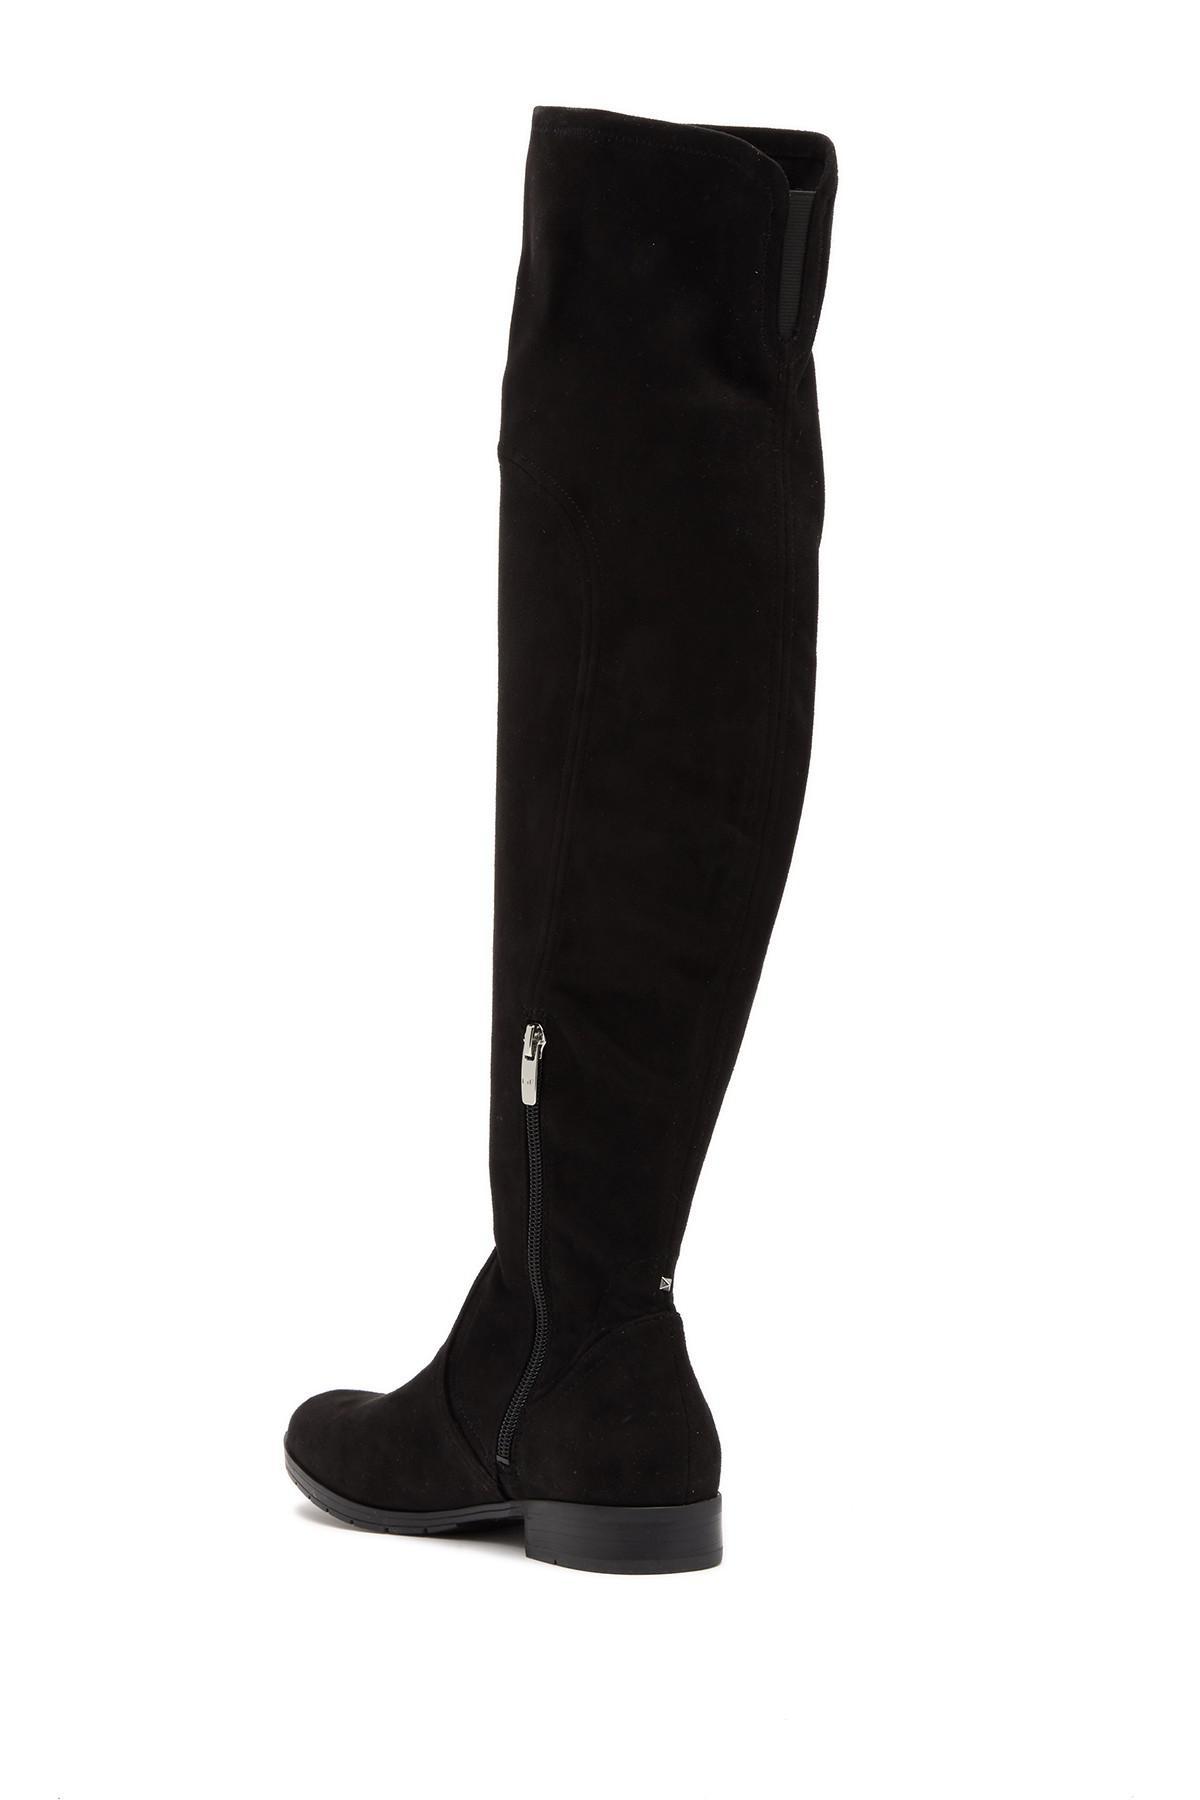 821c1172b36 Marc Fisher - Black Jet Tall Boot - Lyst. View fullscreen